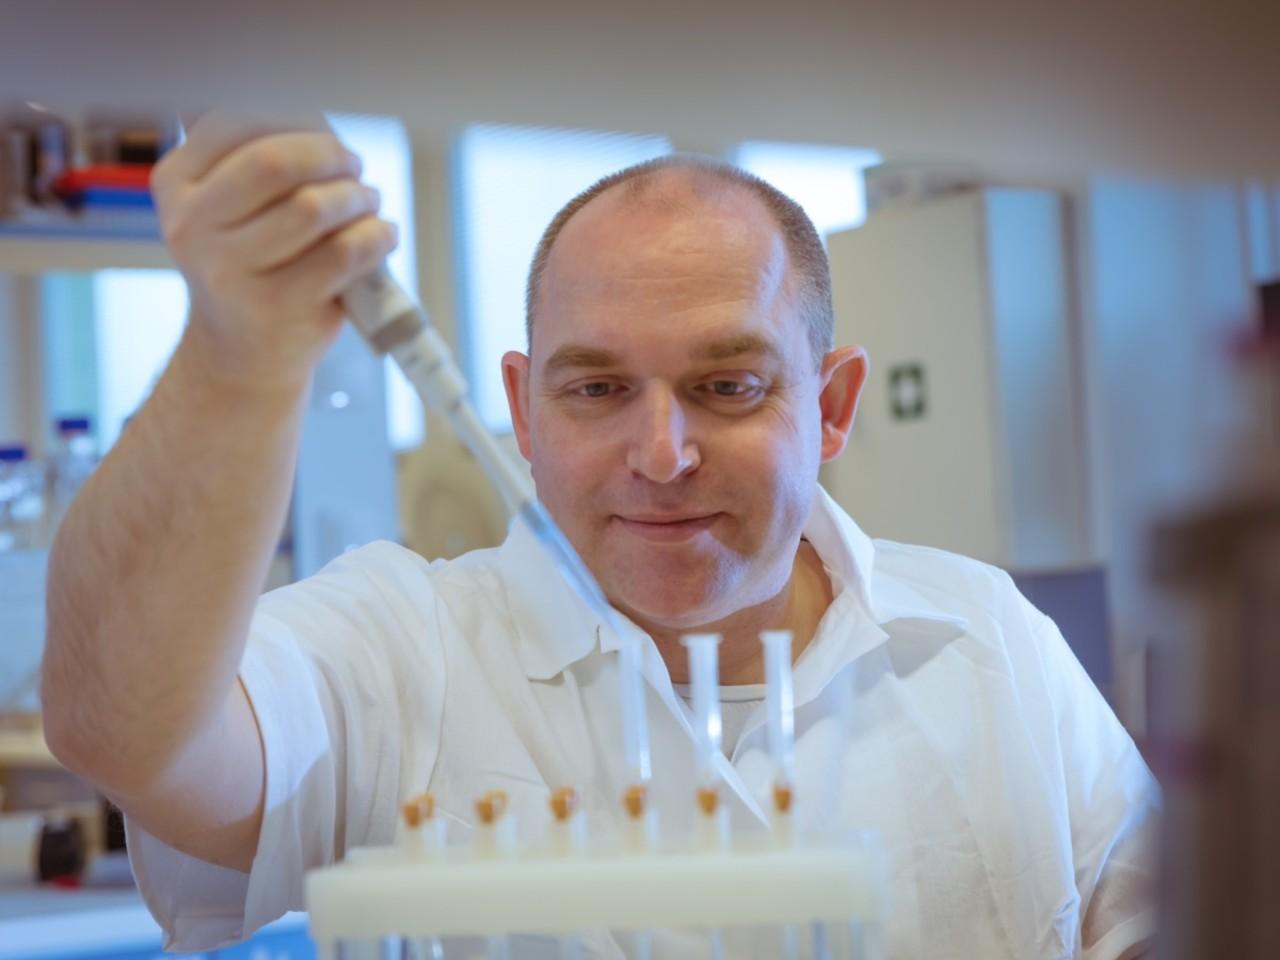 Univerzita Palackého v Olomouci/Ota Blahoušek: Fytochemik Ondřej Novák se díky výzkumu fytohormonů dostal na seznam nejcitovanějších vědců světa